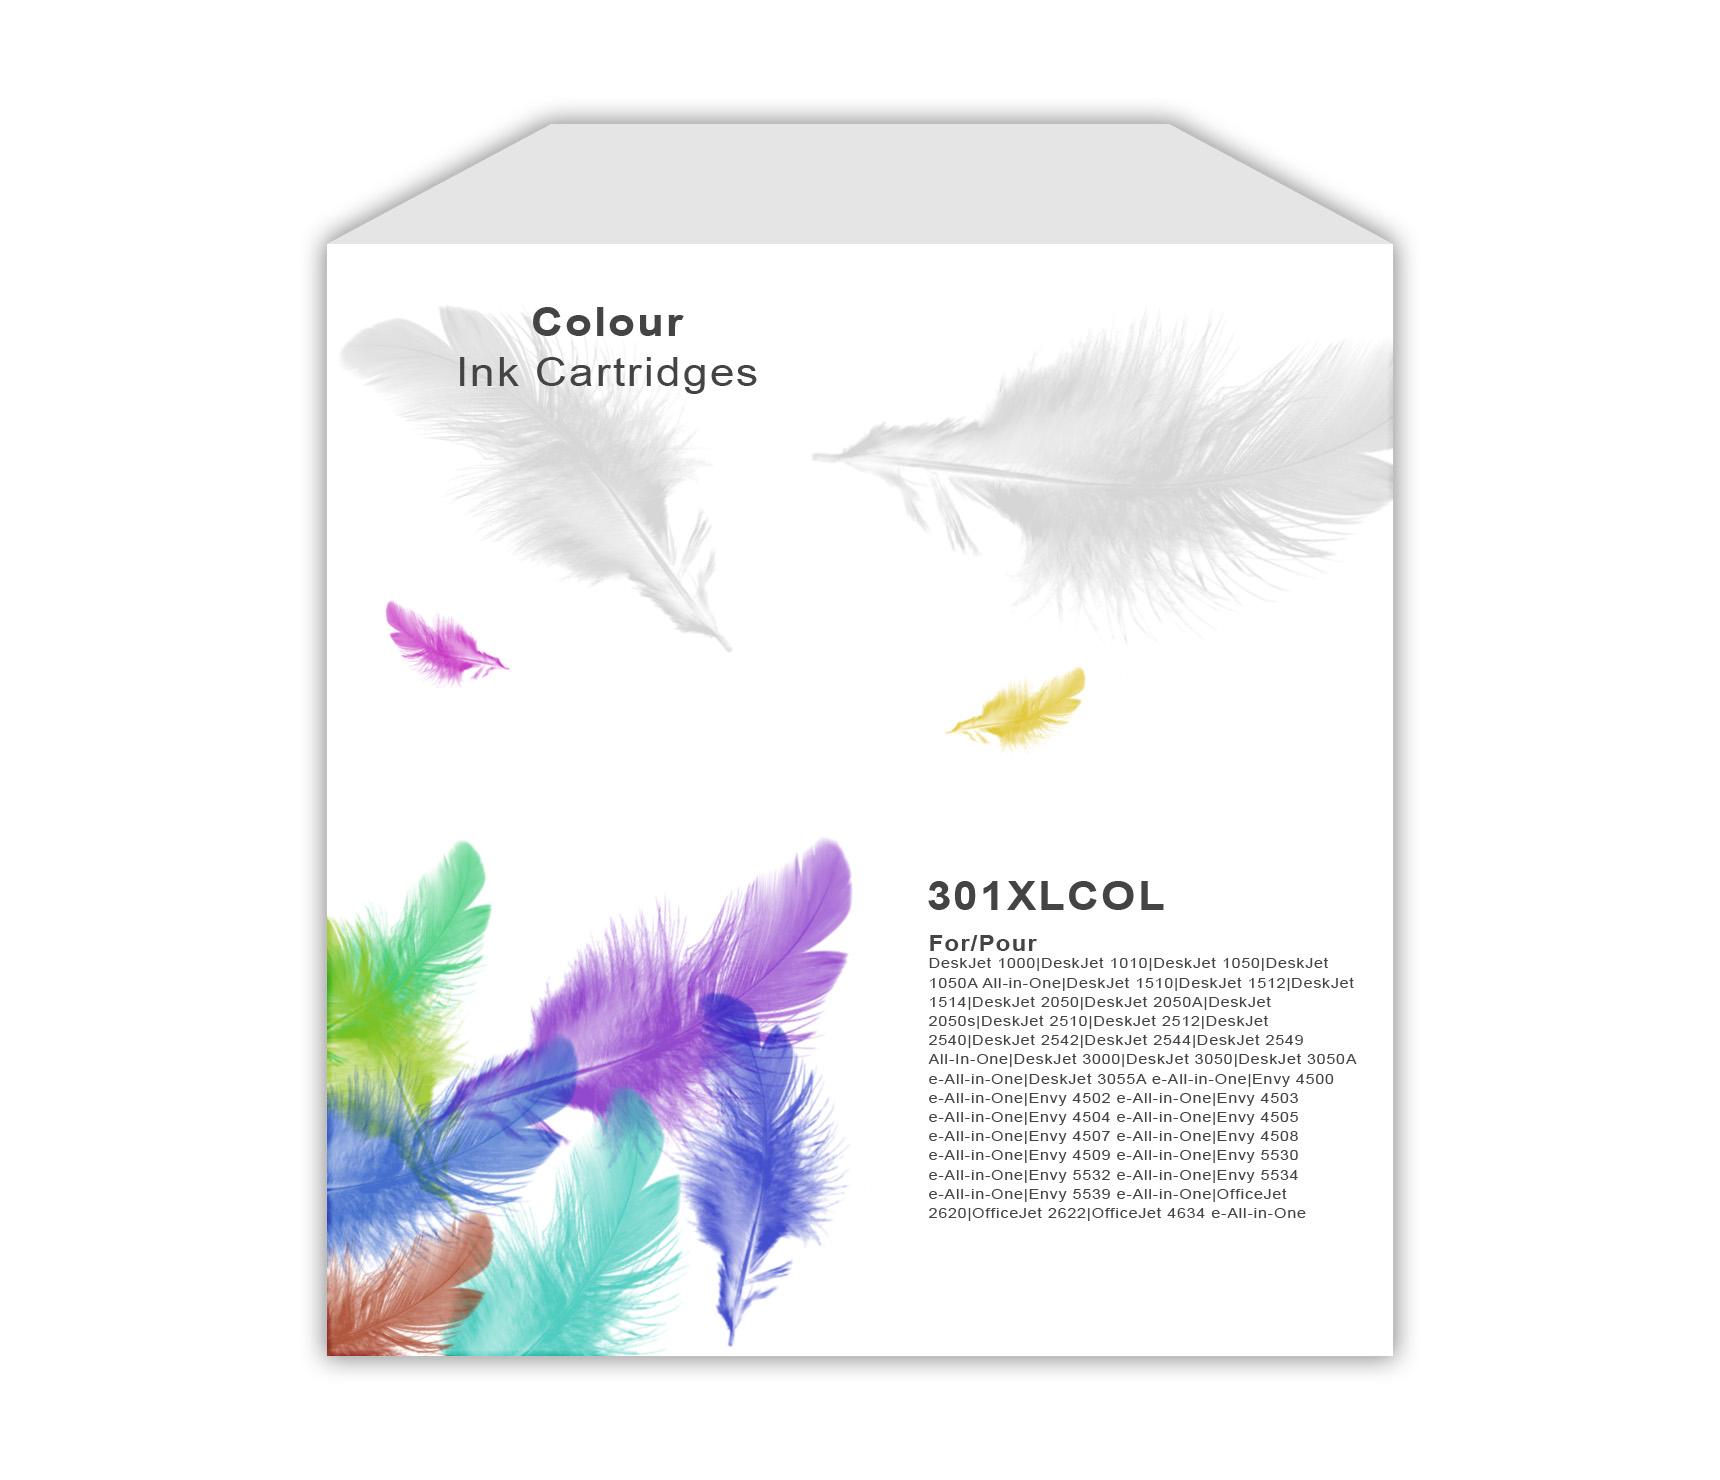 HP 301XL Colour Ink Cartridge